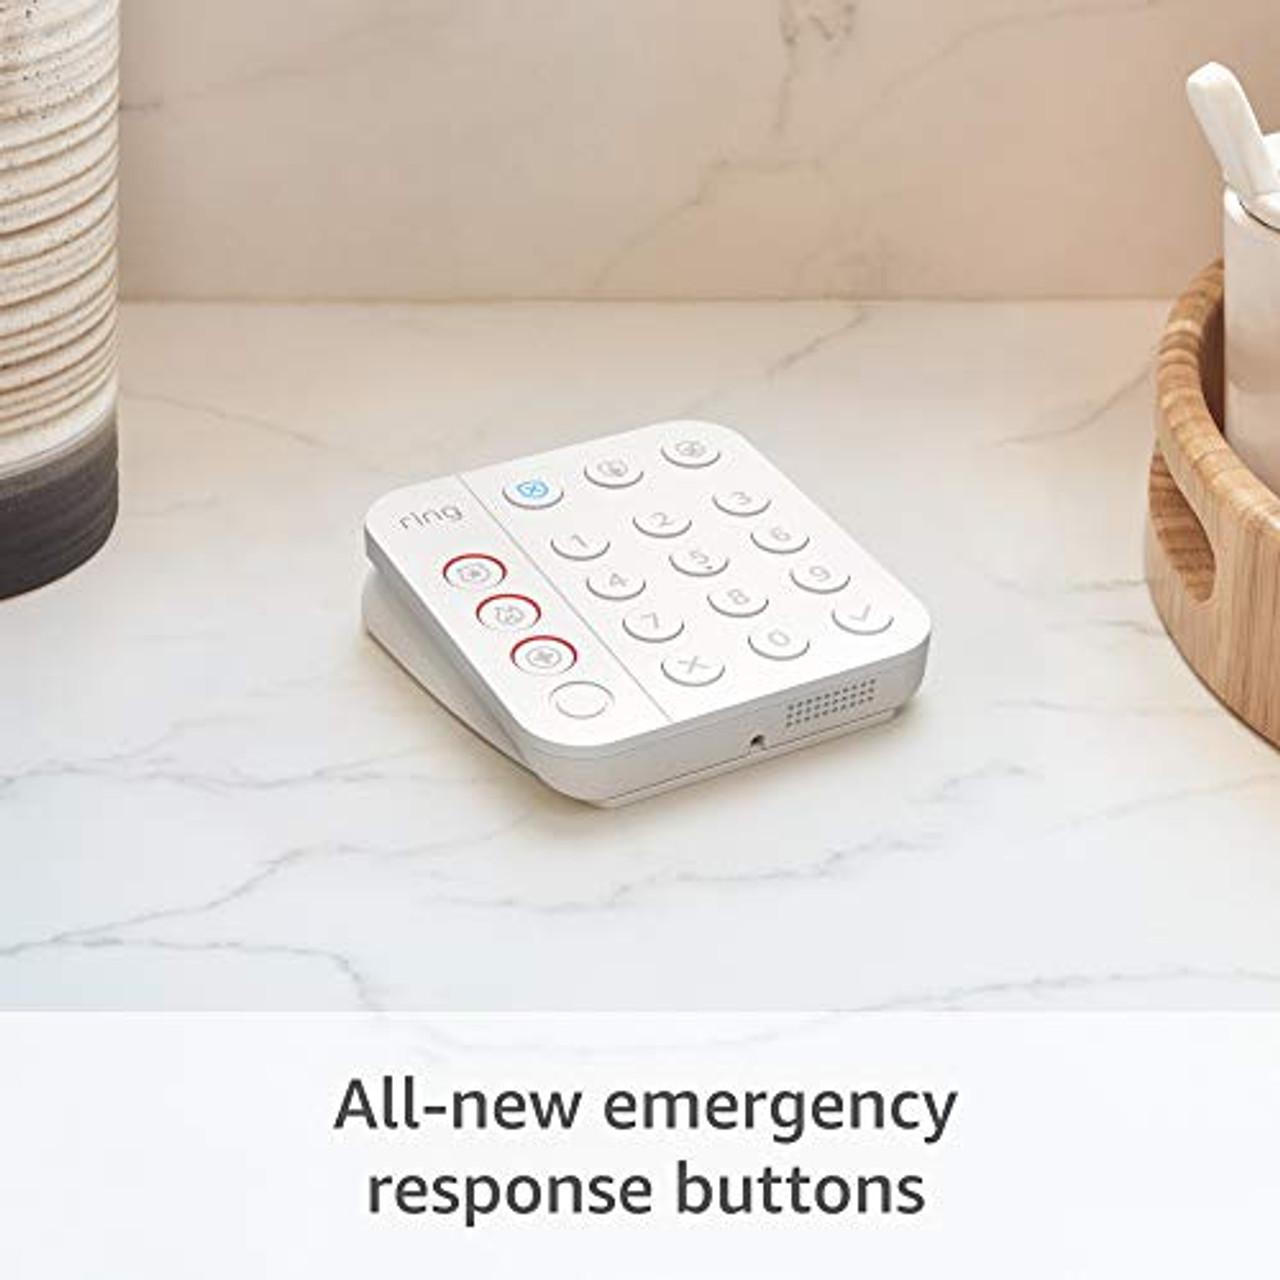 All-new Ring Alarm Keypad (2nd Gen)